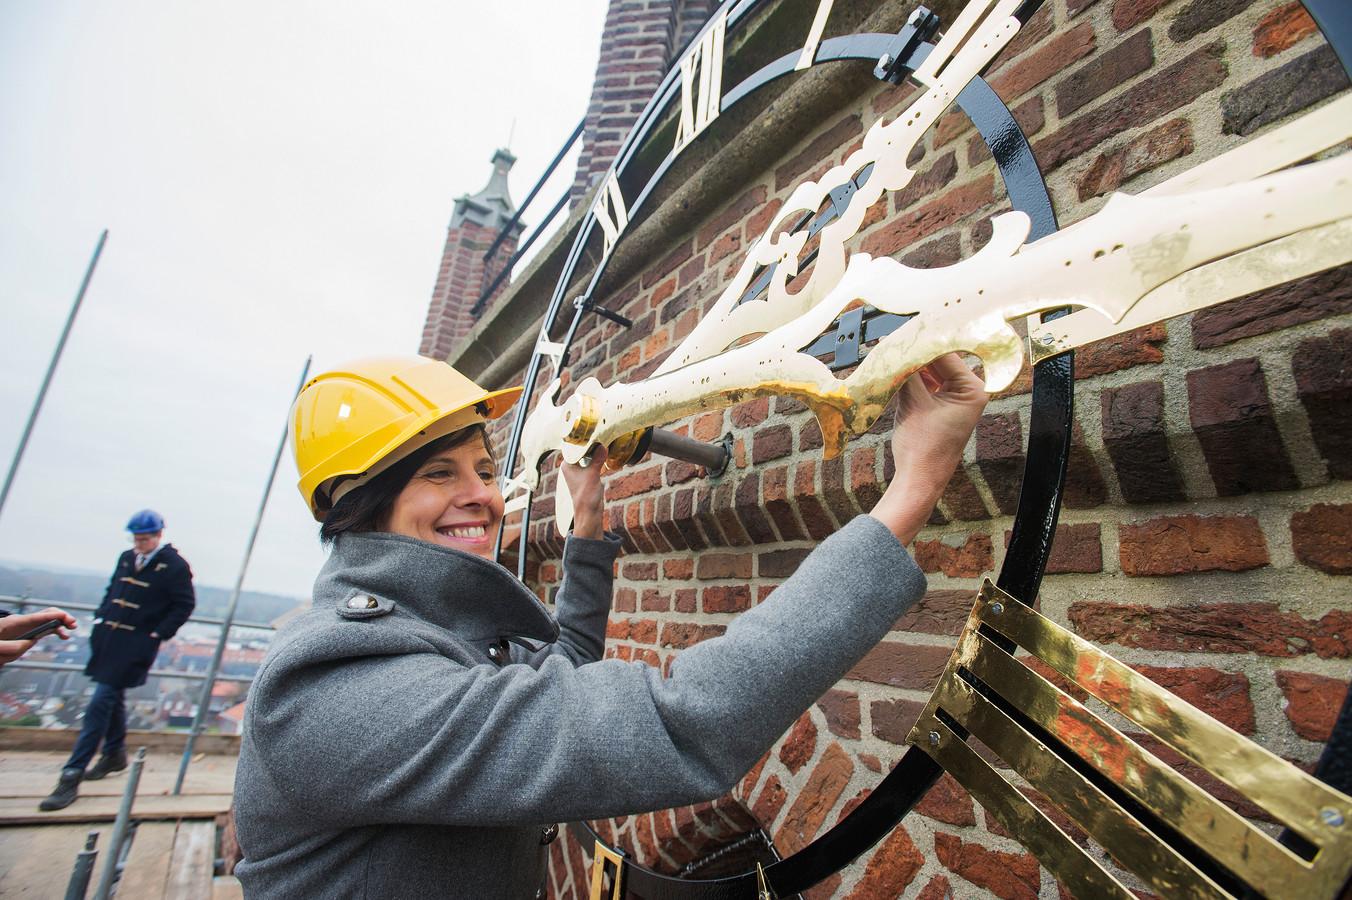 Als wethouder voor Gemeenschapslijst mocht Silvia Bloemsma de wijzers op de gerestaureerde toren van Beek terugplaatsen. Inmiddels is Bloemsma fractievoorzitter voor LEV.